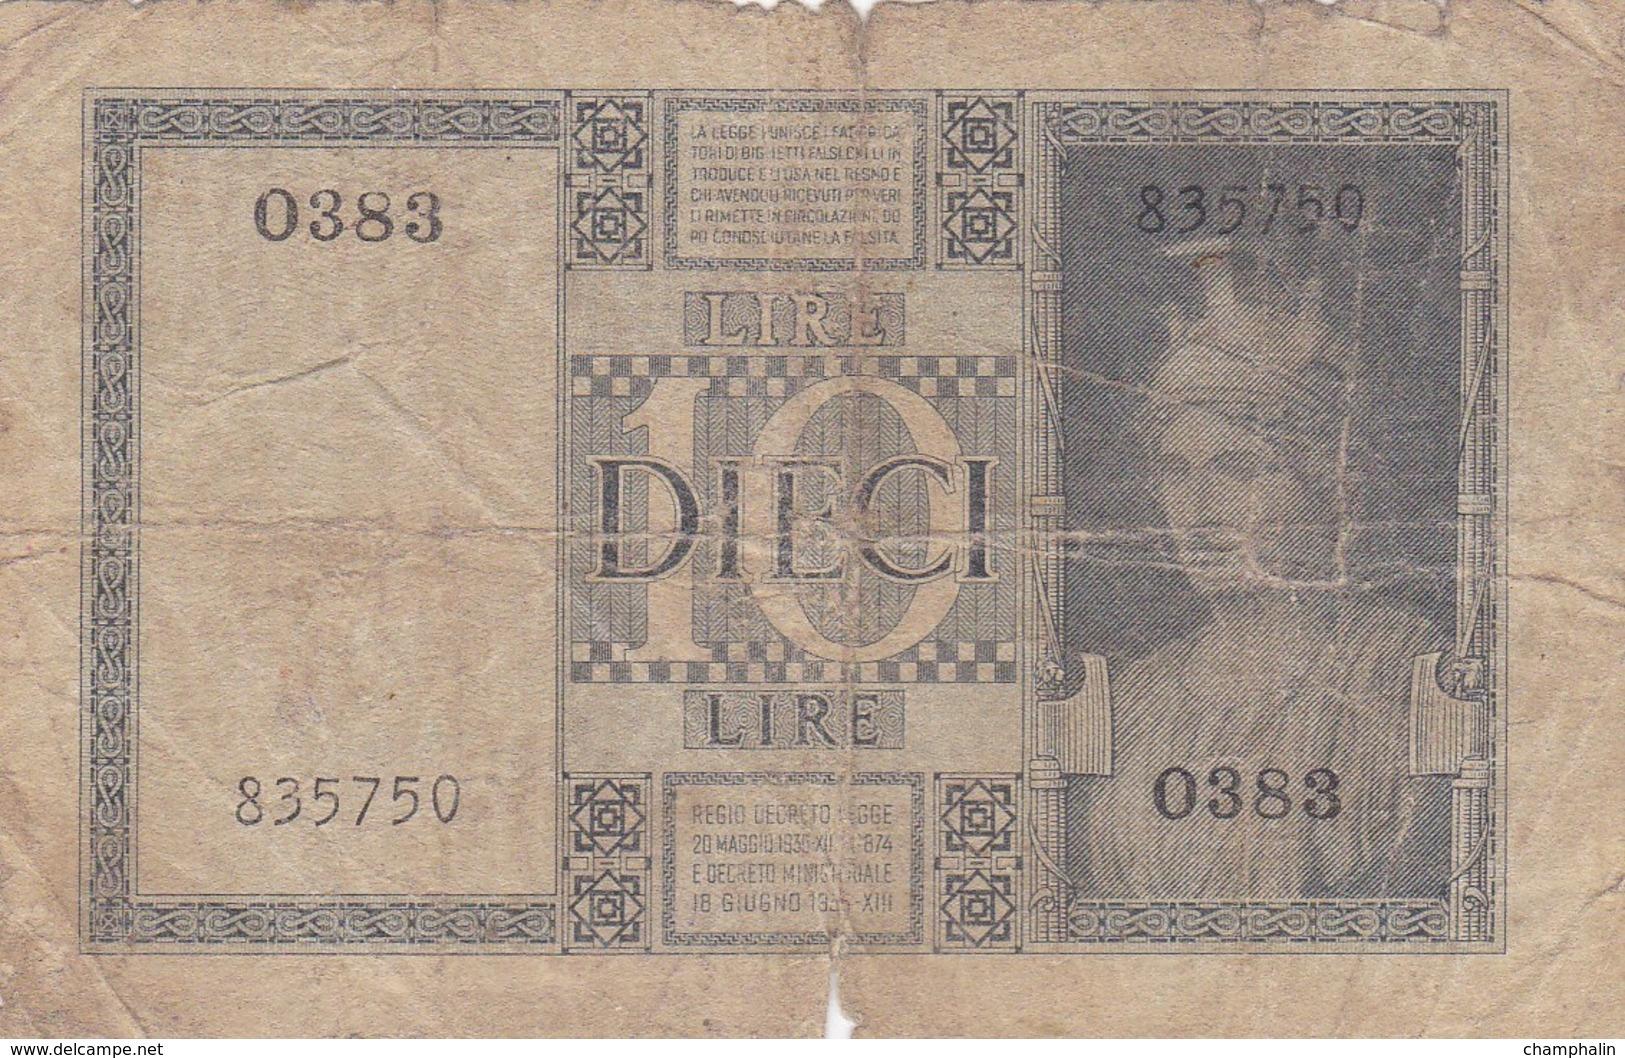 Italie - Billet De 10 Lire - Vittorio-Emanuele III - 20 Mai 1935 - [ 1] …-1946 : Kingdom